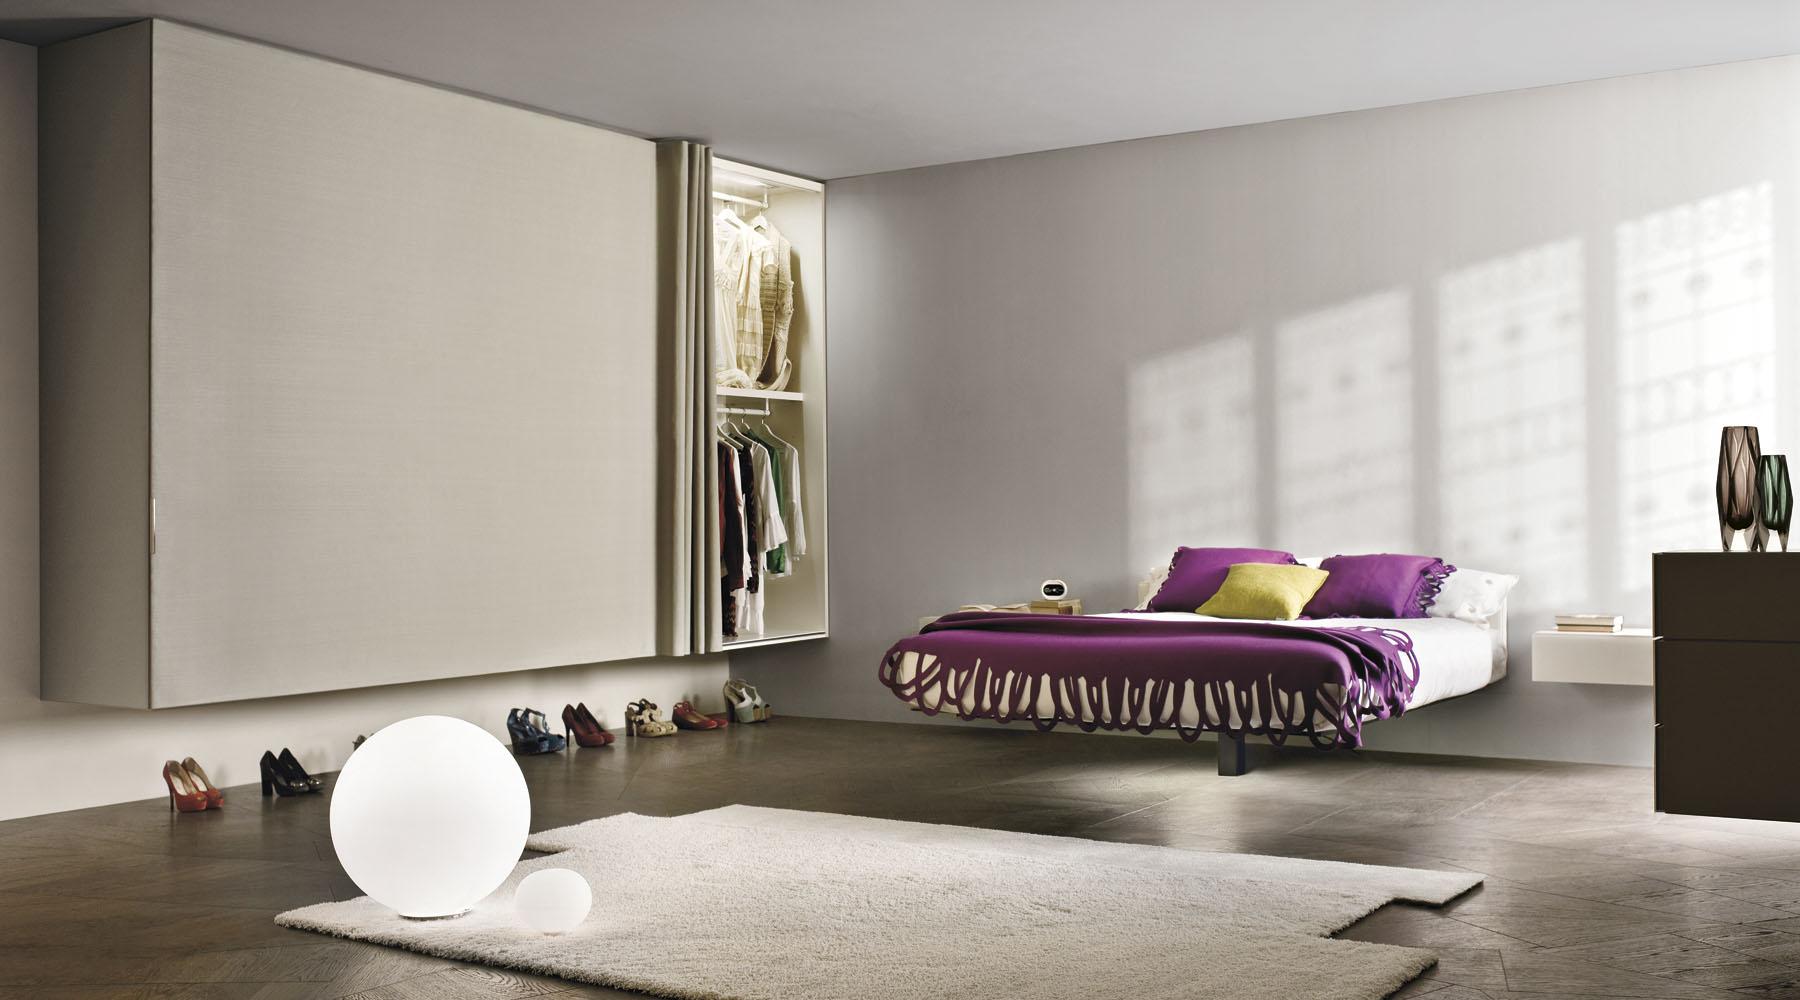 LAGO_Fluttua bed_4.jpg